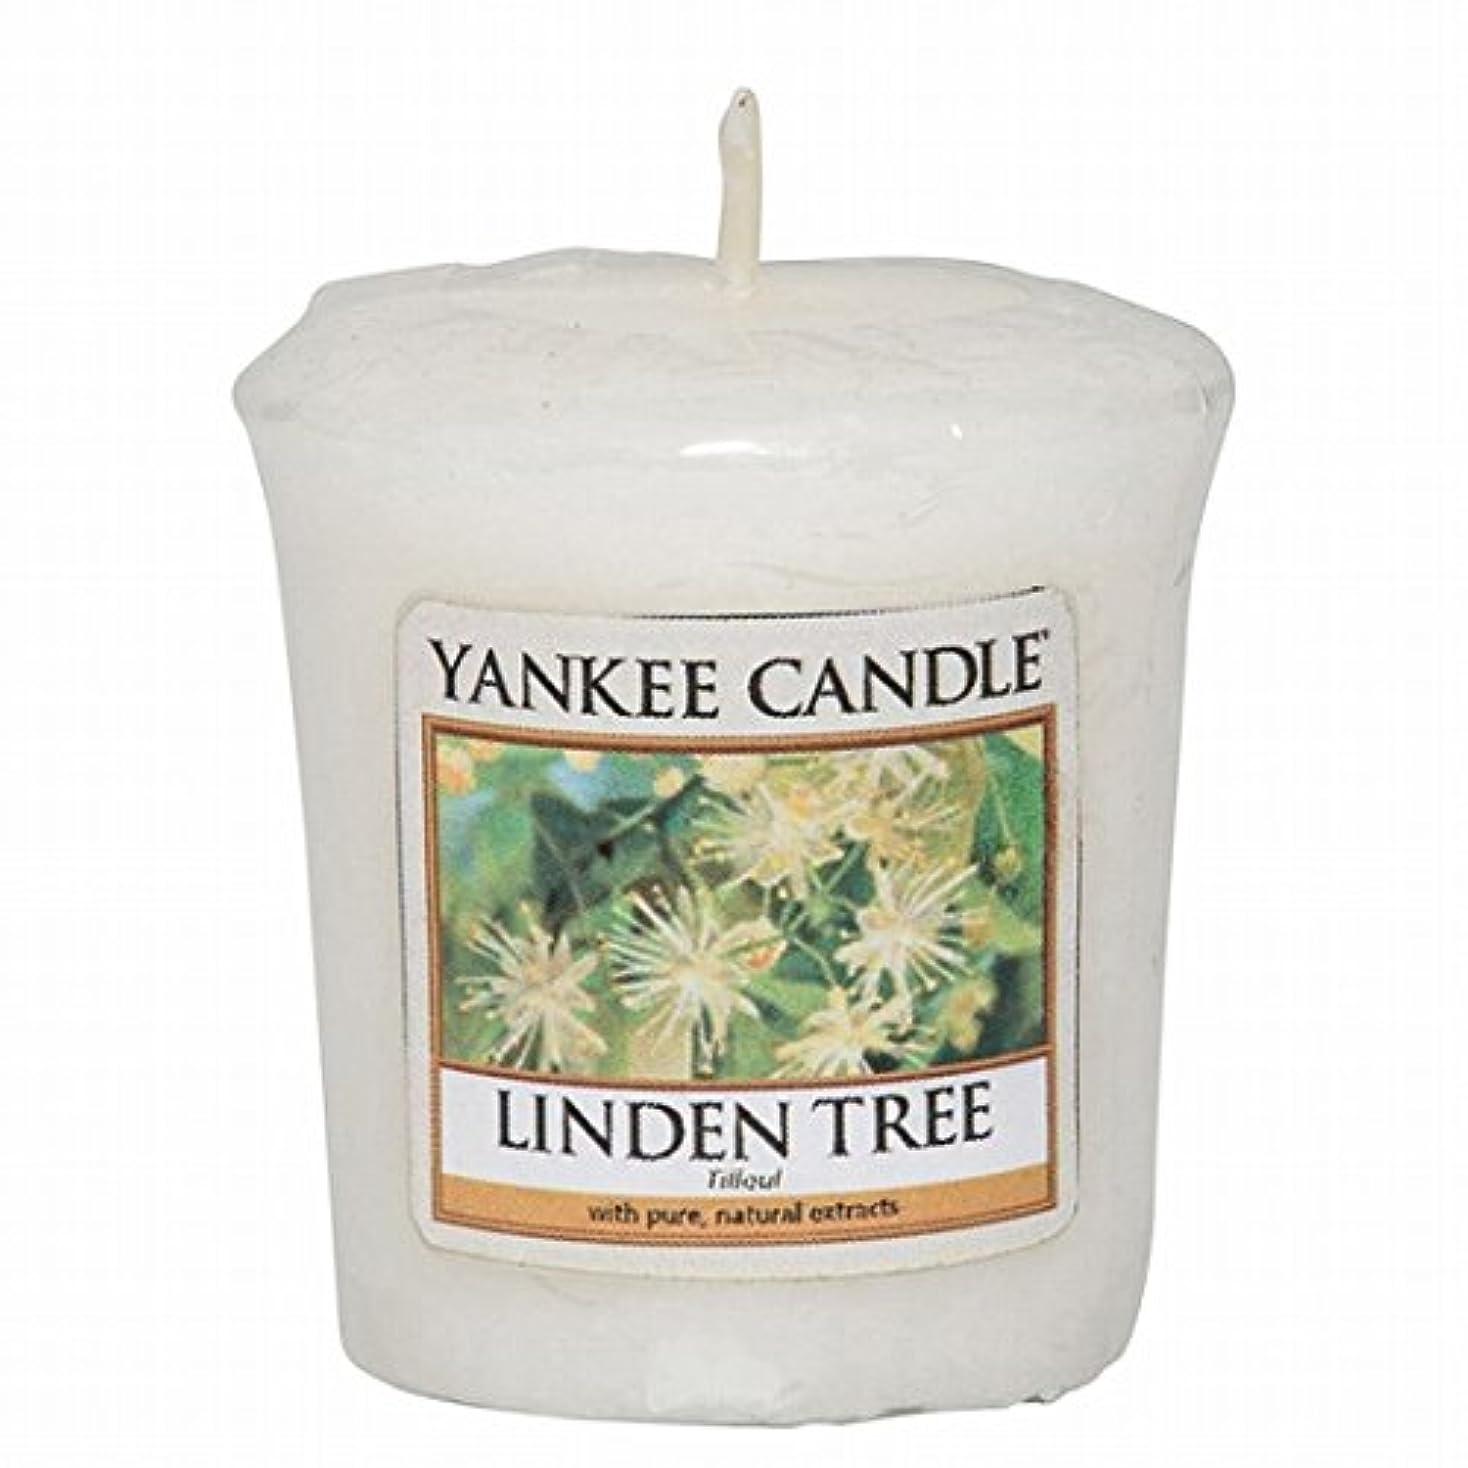 公園立派なチーフYANKEE CANDLE(ヤンキーキャンドル) YANKEE CANDLE サンプラー 「リンデンツリー」(K00105289)